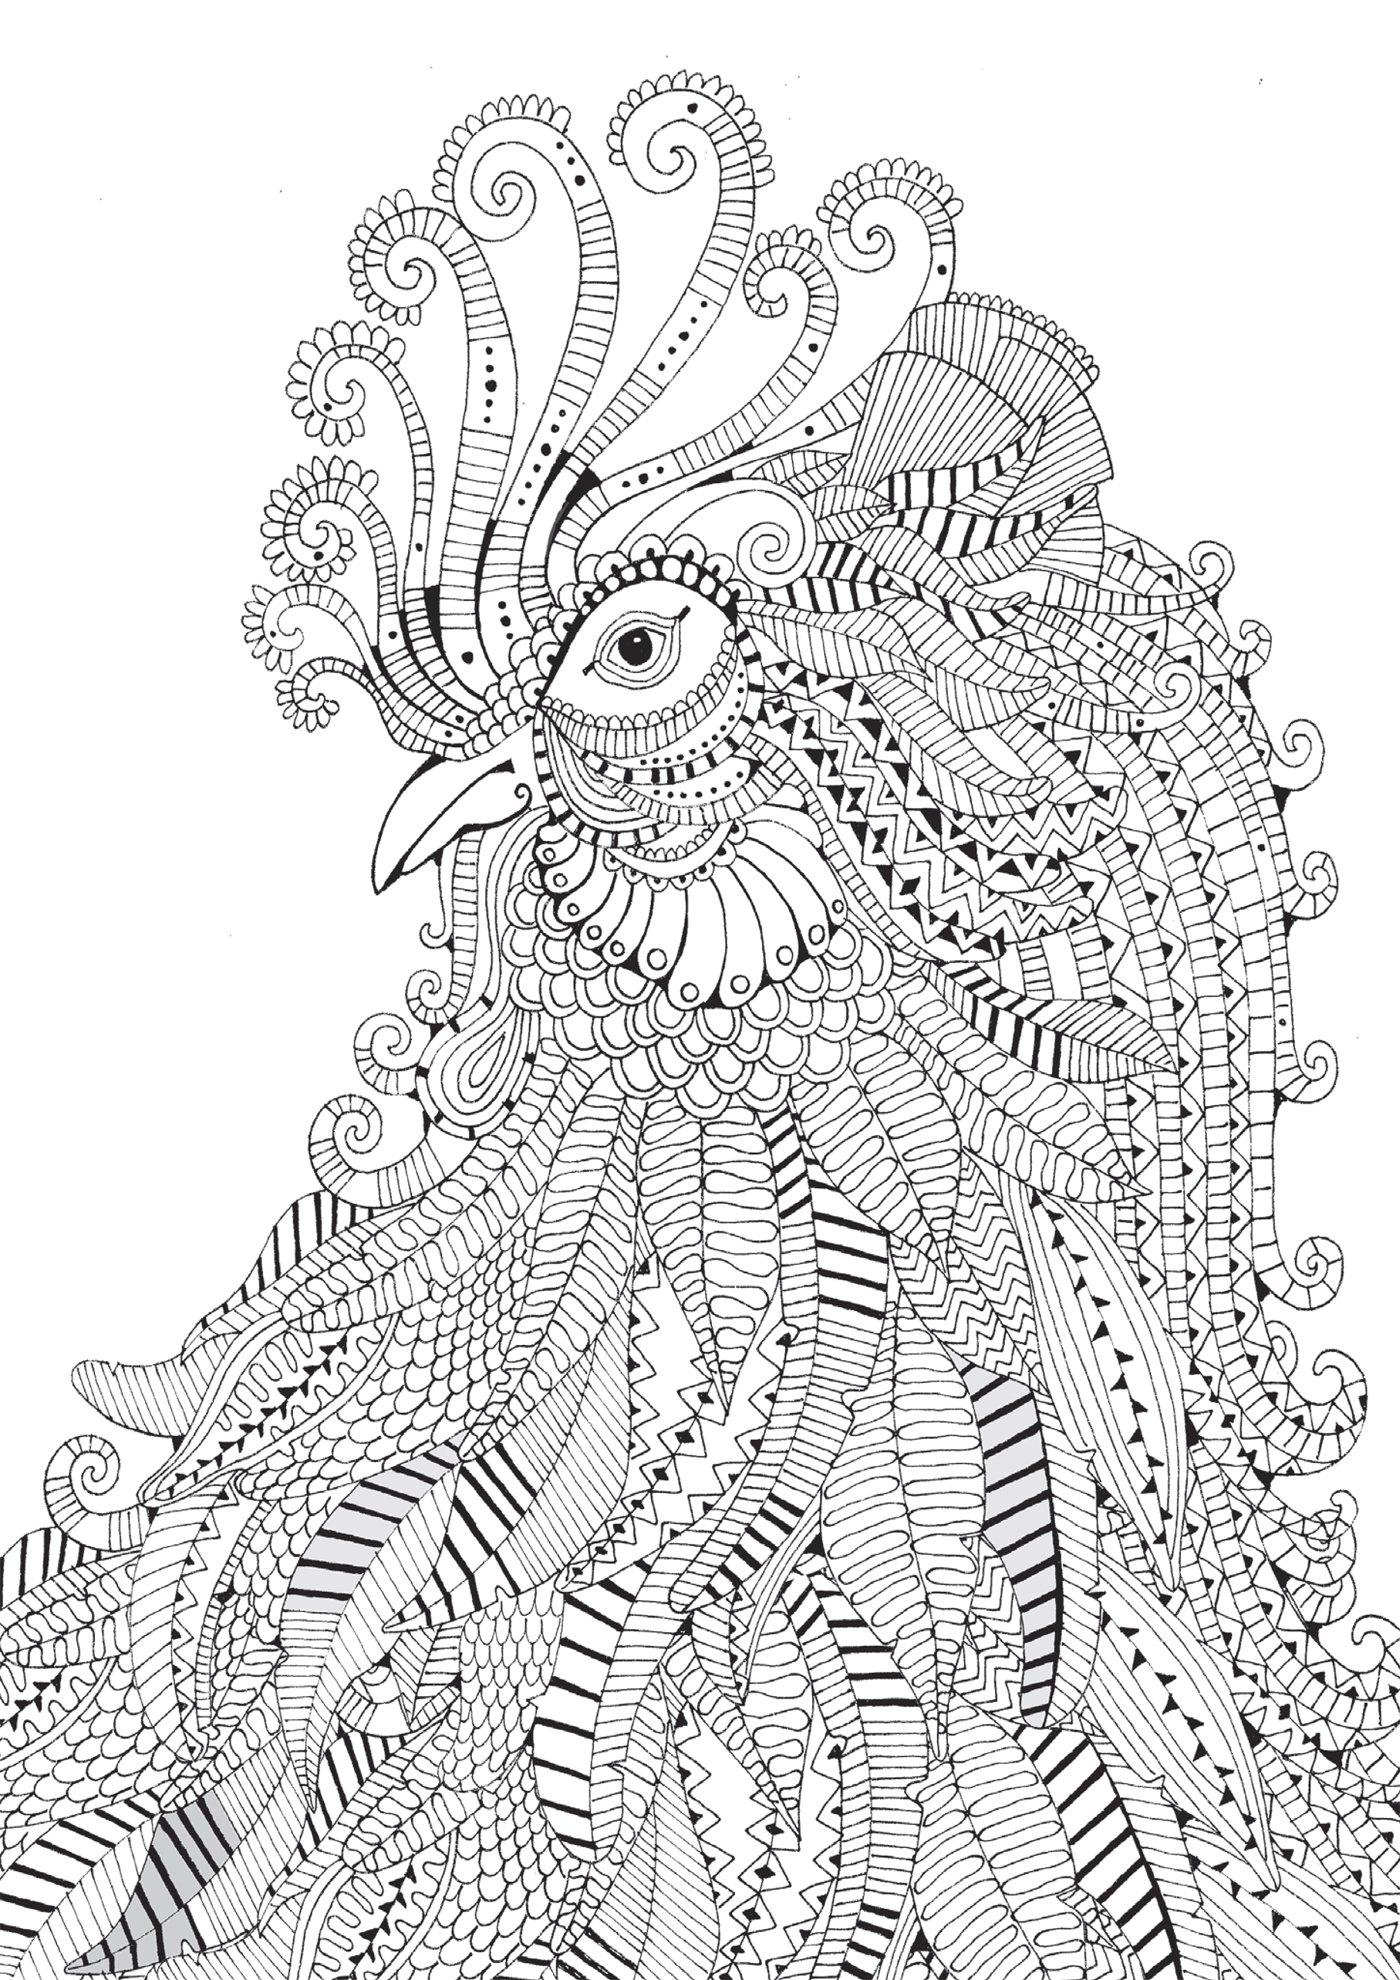 38 dessins de coloriage th rapeutique imprimer sur - Coloriage minutieux ...